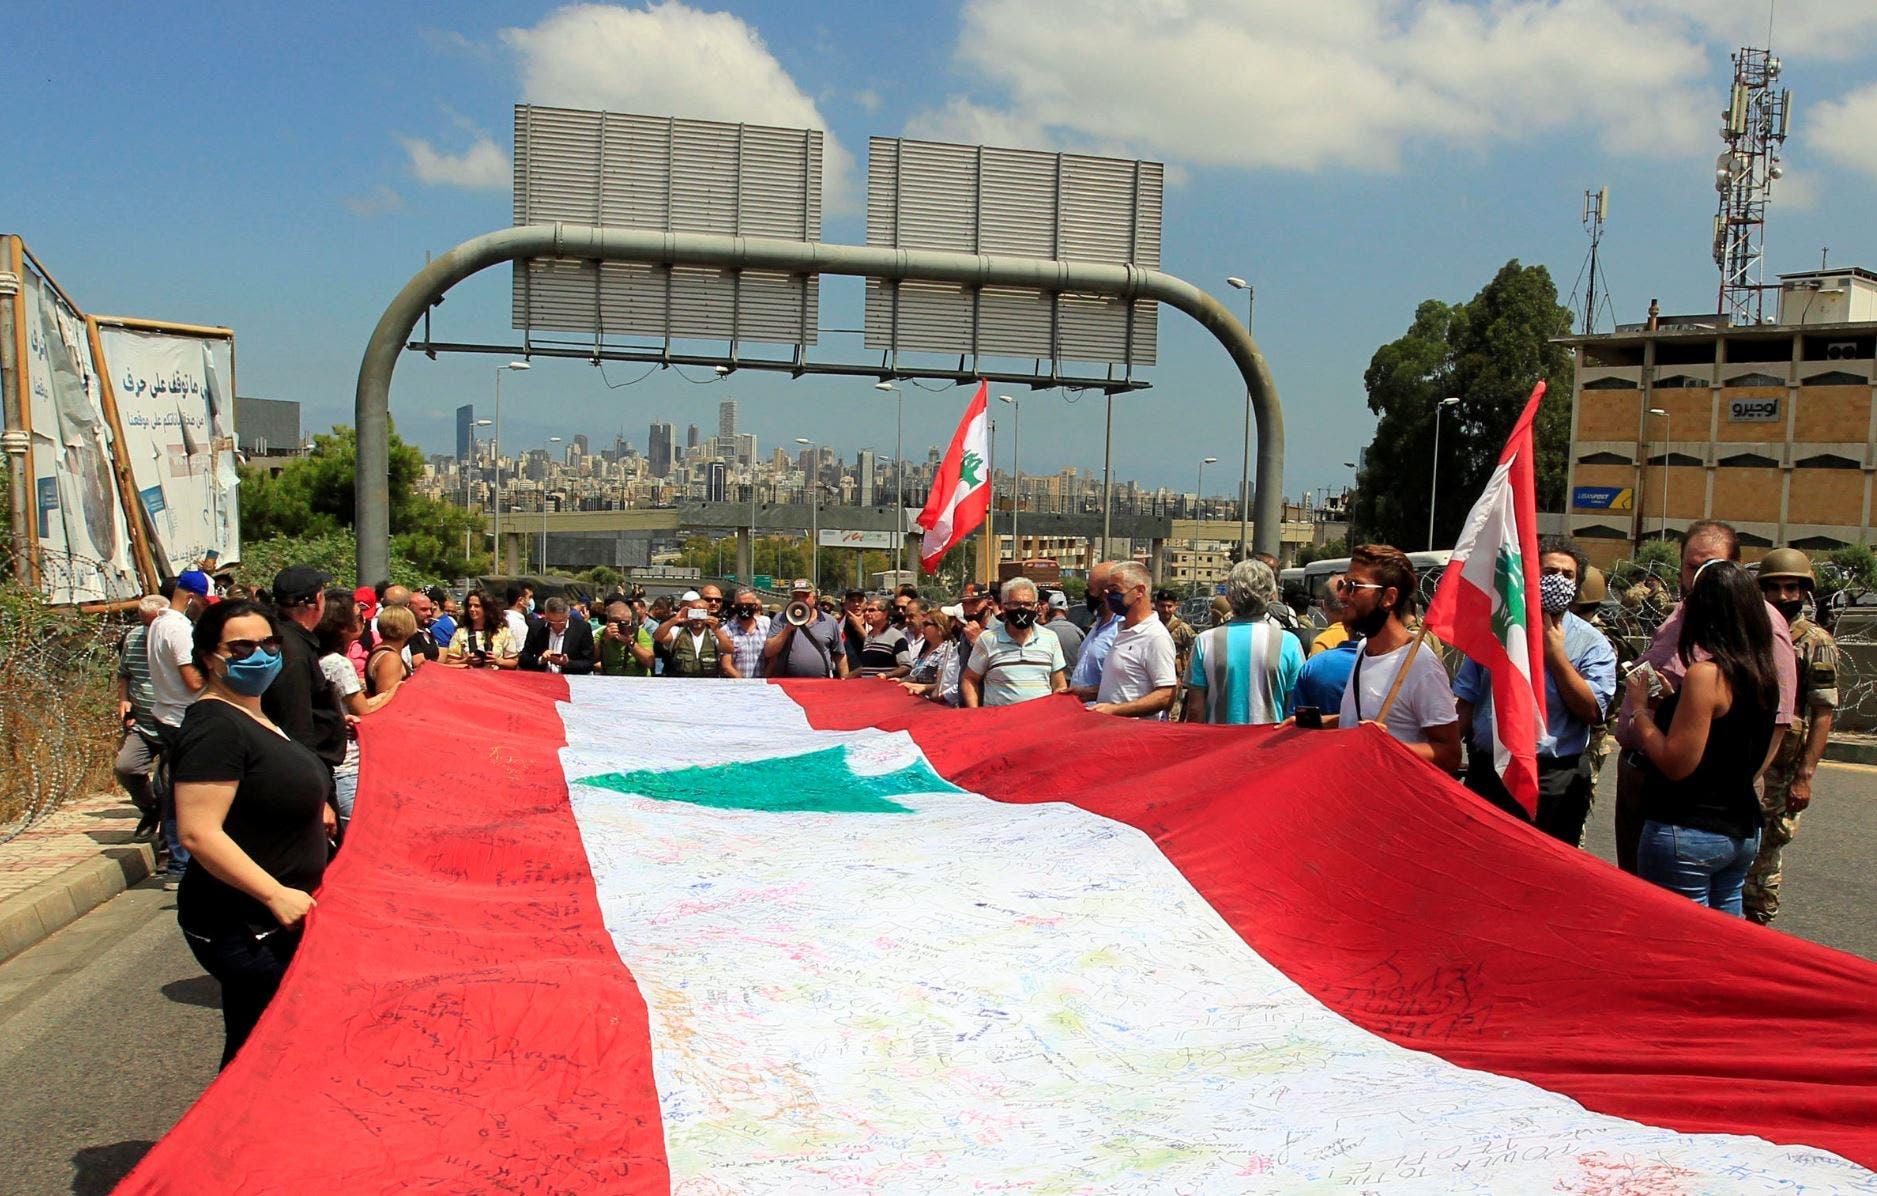 من احتجاجات لبنان - رويترز ( 25 يونيو 2020)